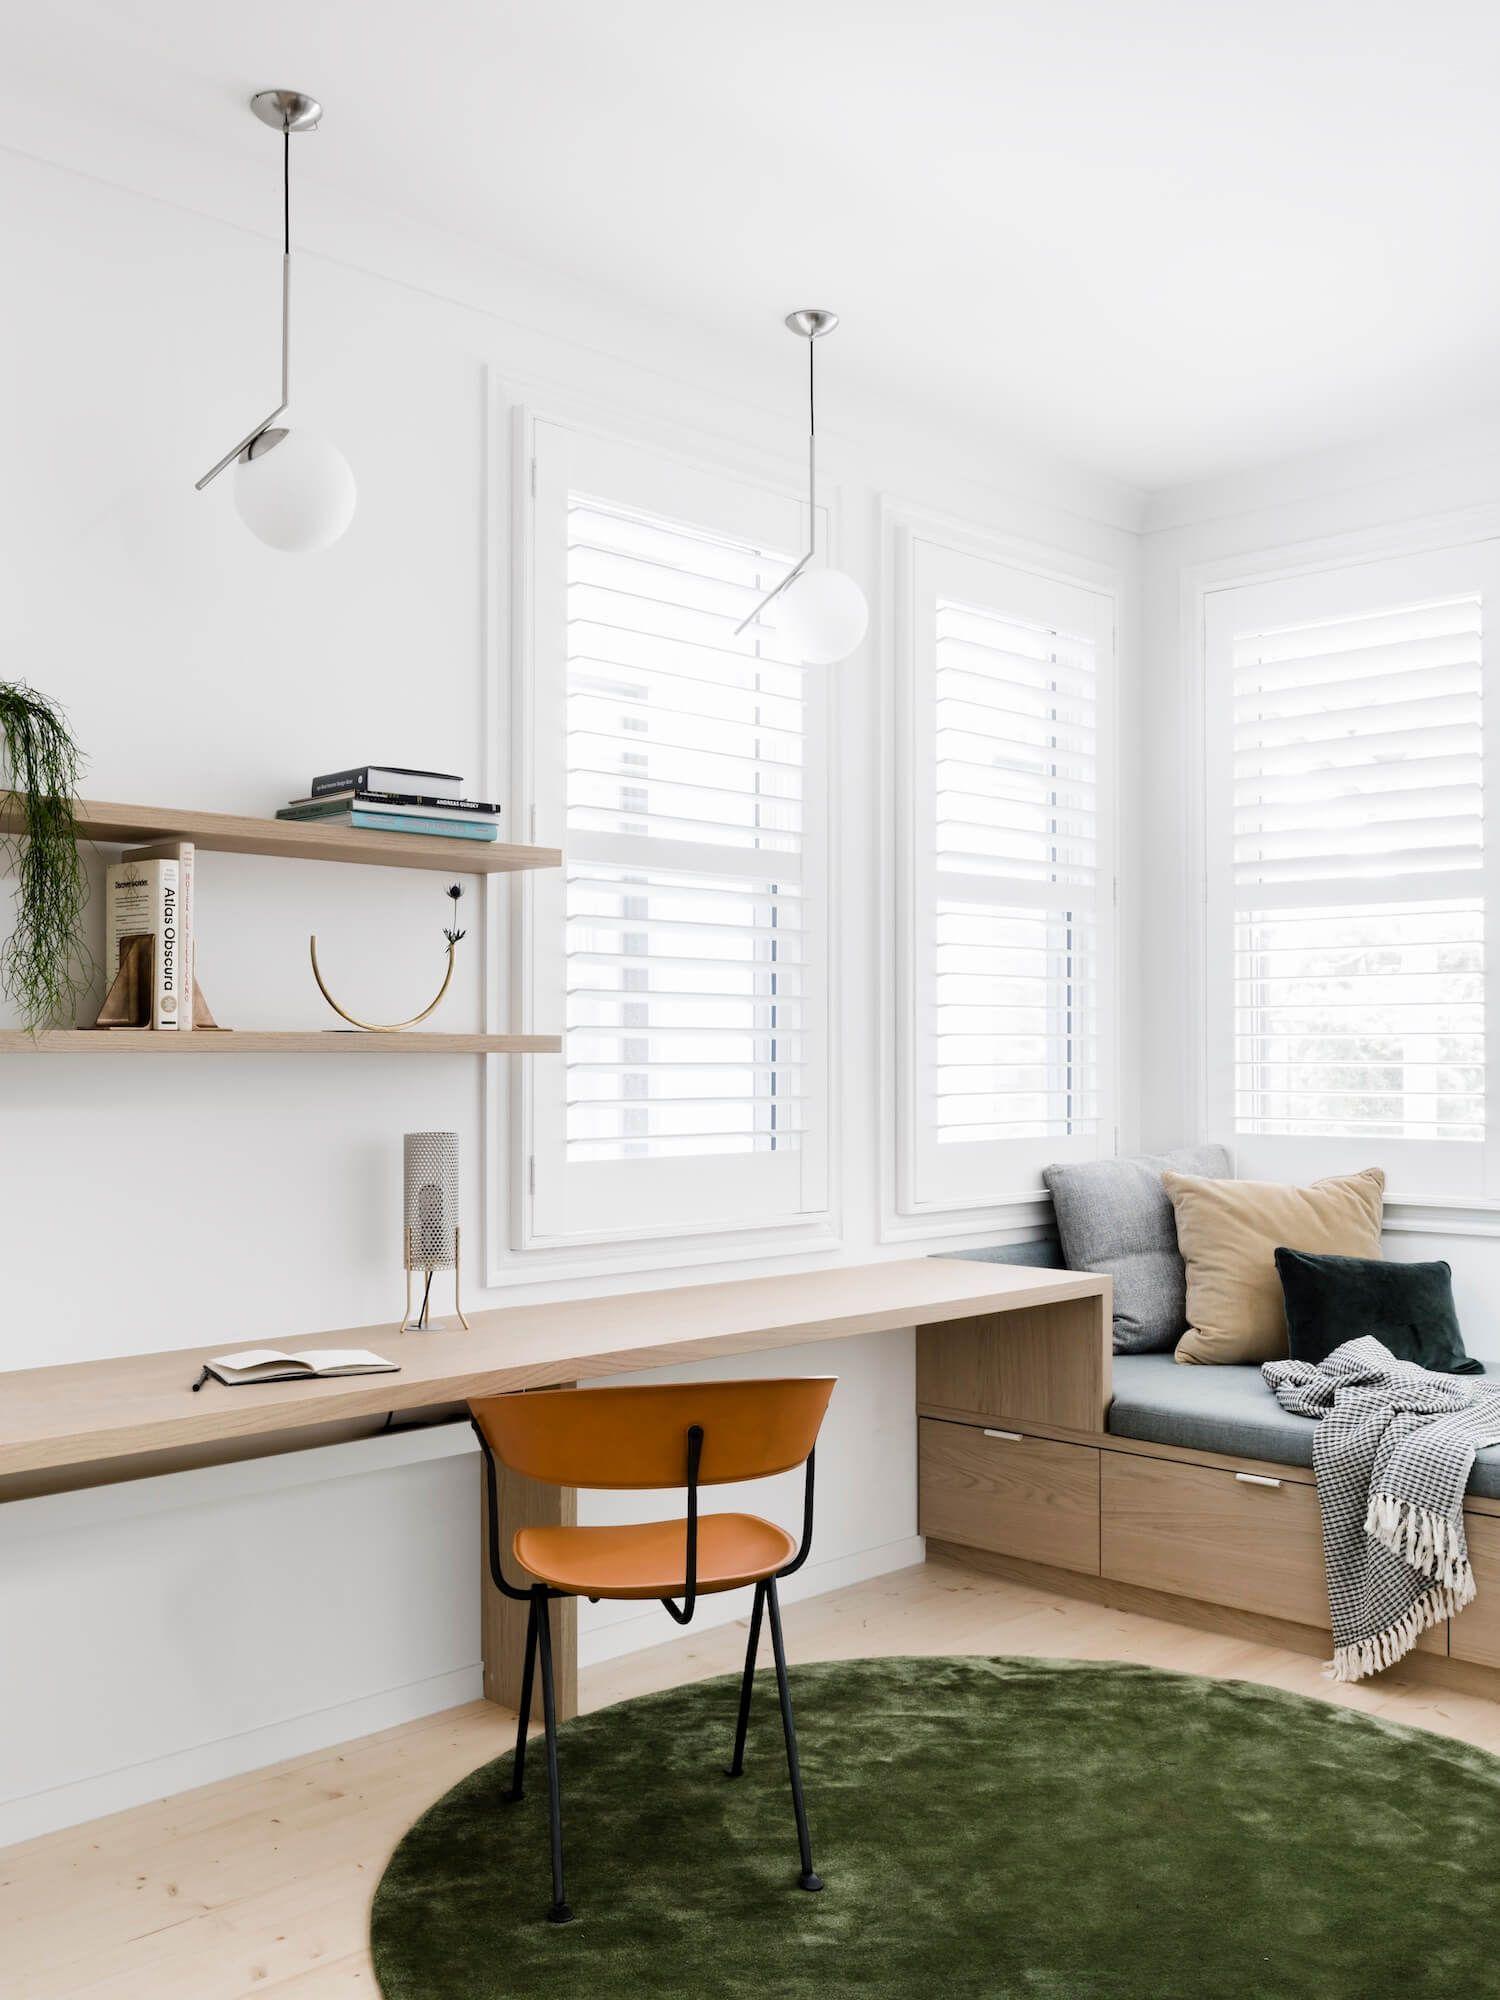 Atemberaubend Küche Designtrends Nz Bilder - Ideen Für Die Küche ...